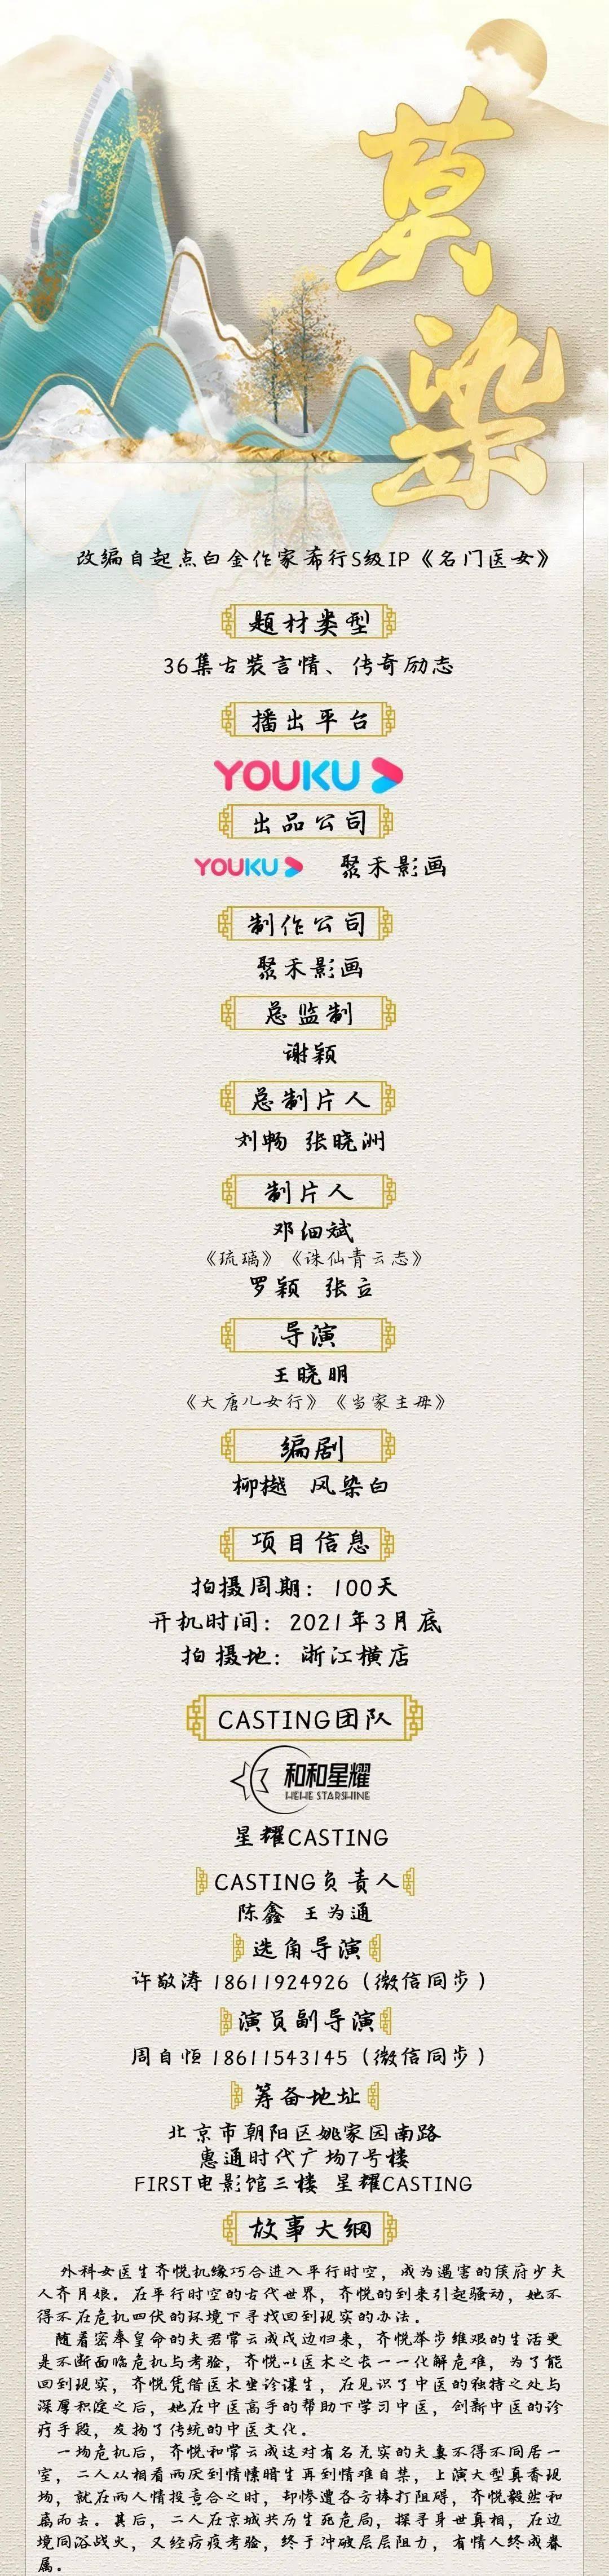 组讯日报|剧集《落水者》,电影《东游2》等